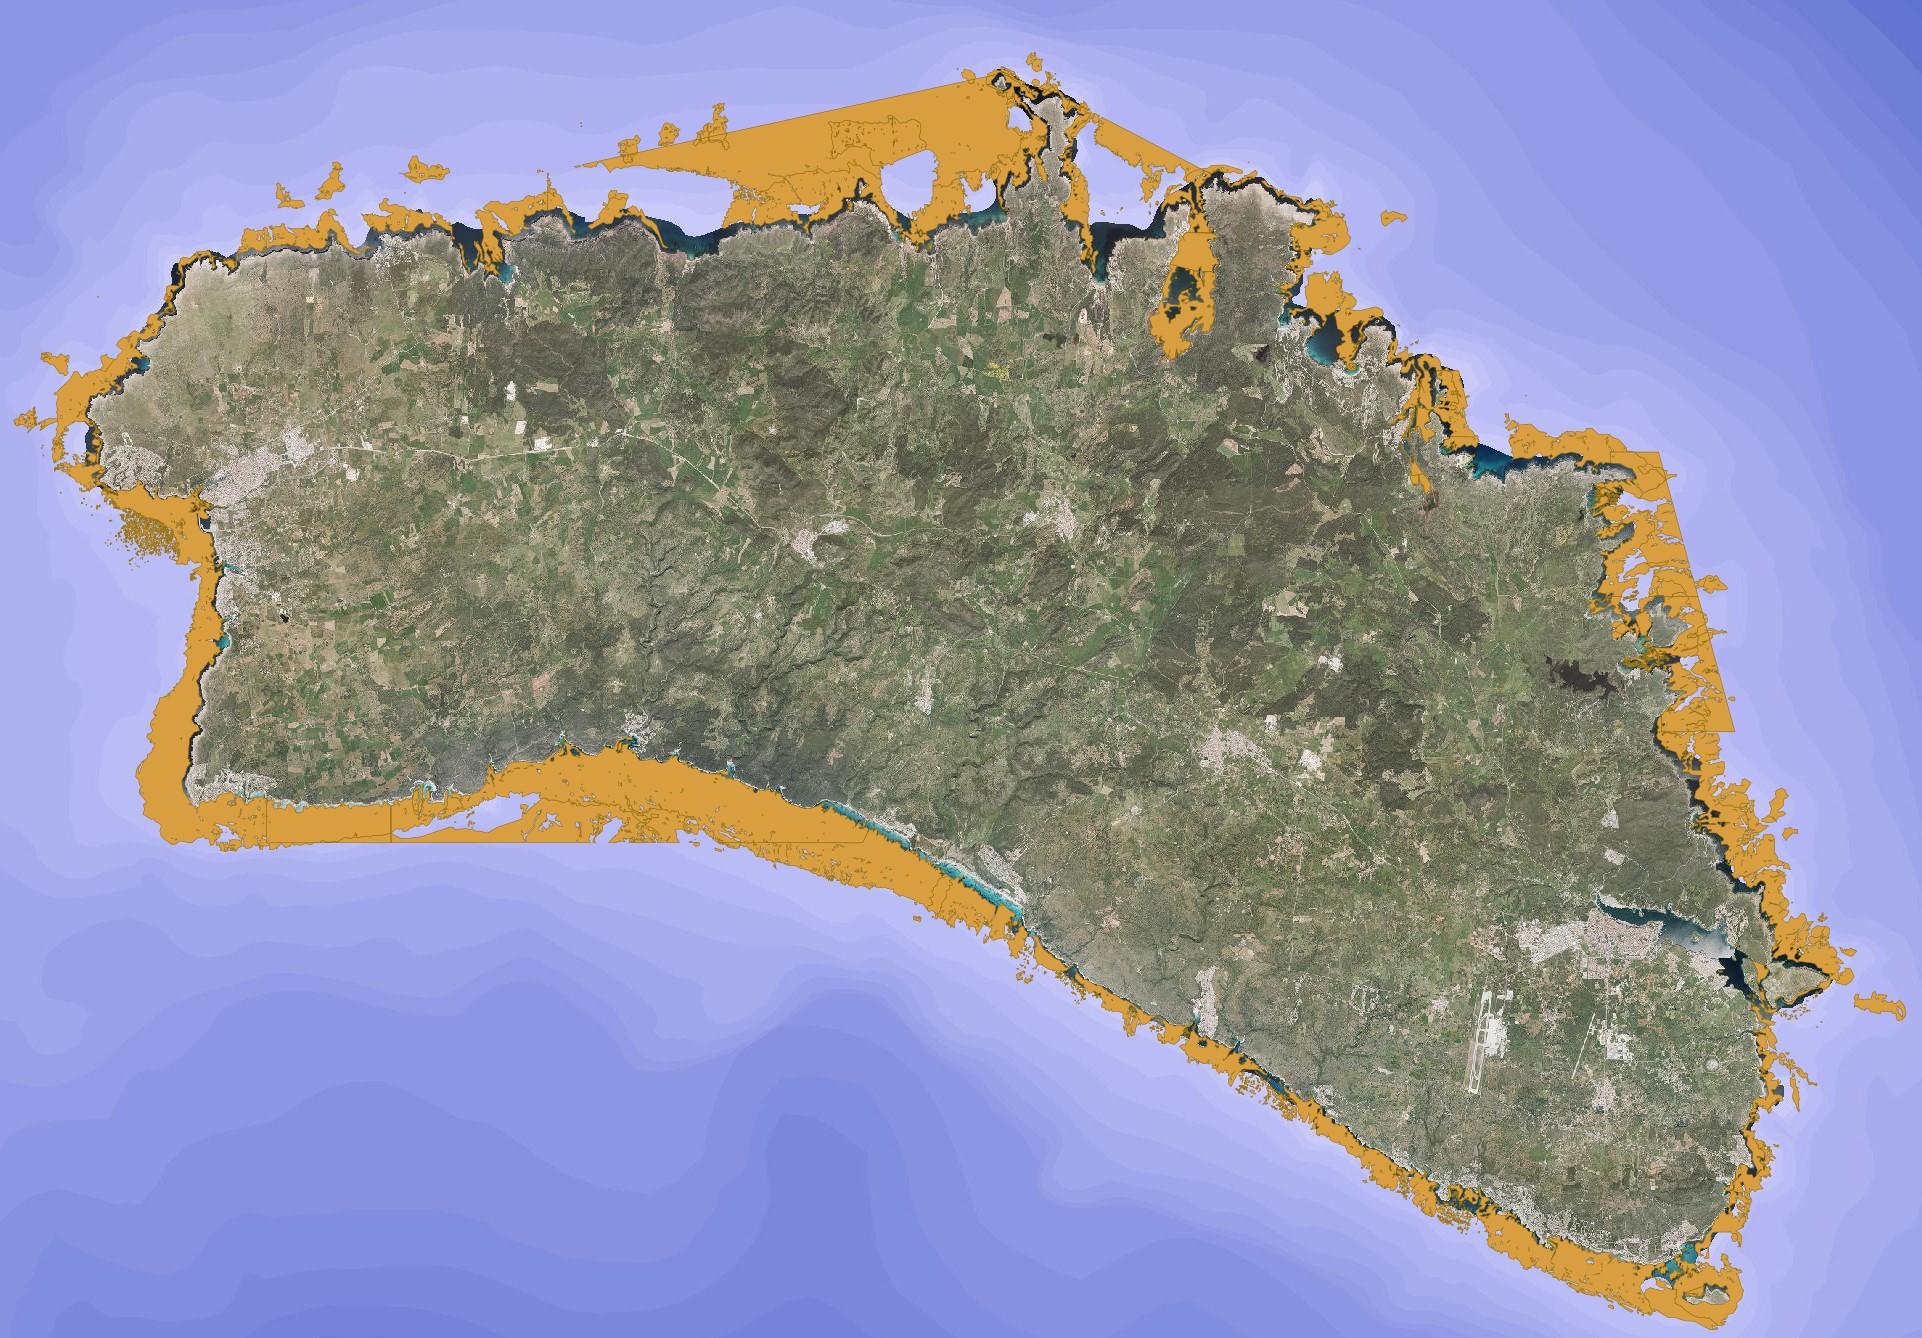 Zonas de fondeo prohibido de embarcaciones en Menorca